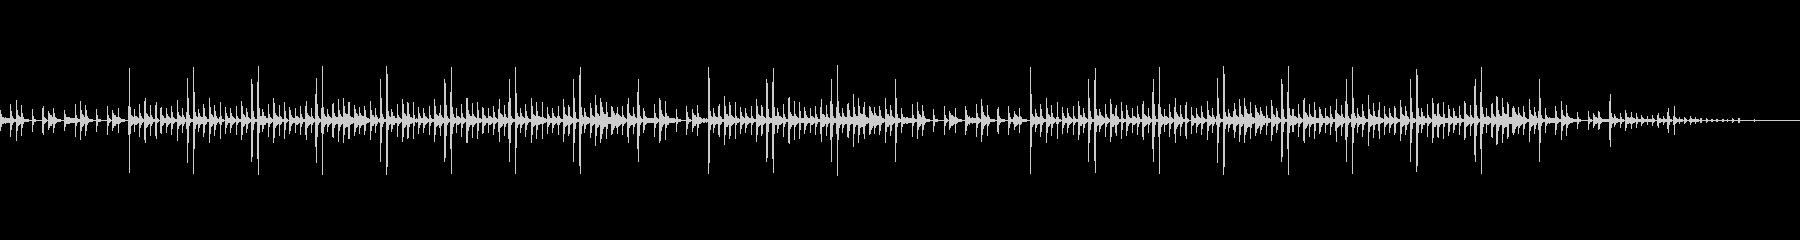 神秘的な響きのパーカッションのリズムの未再生の波形